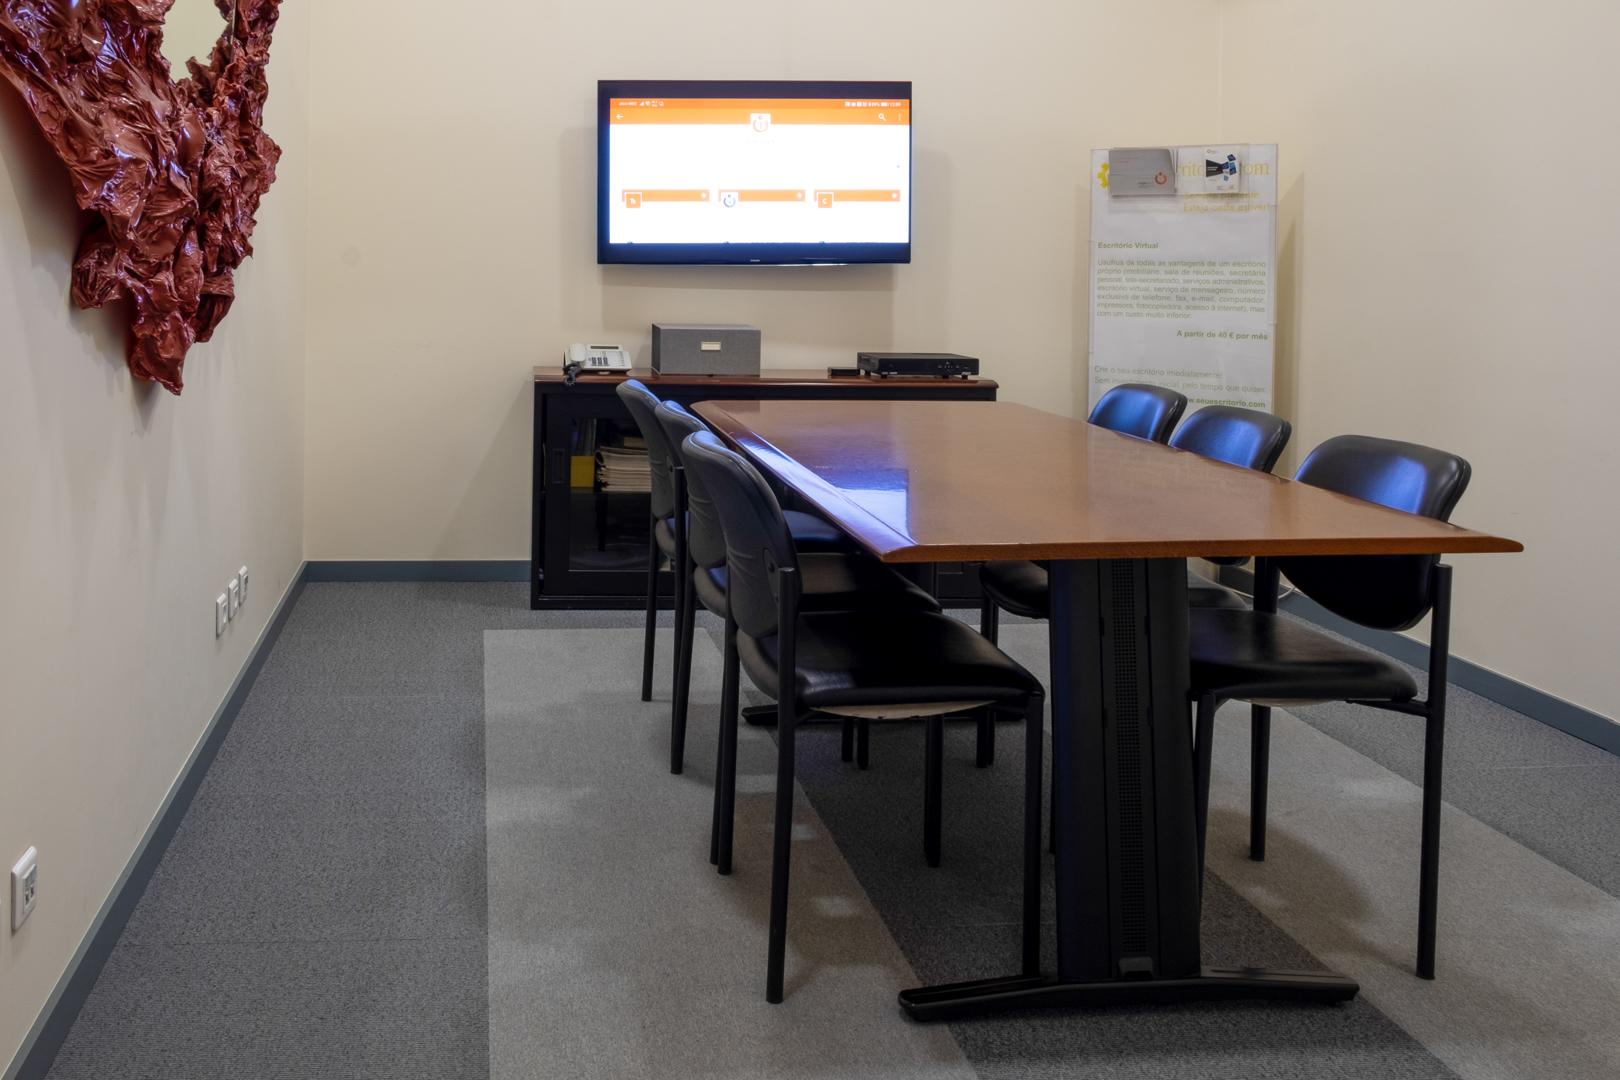 Sala de reuniões (até 8 pessoas em conforto)